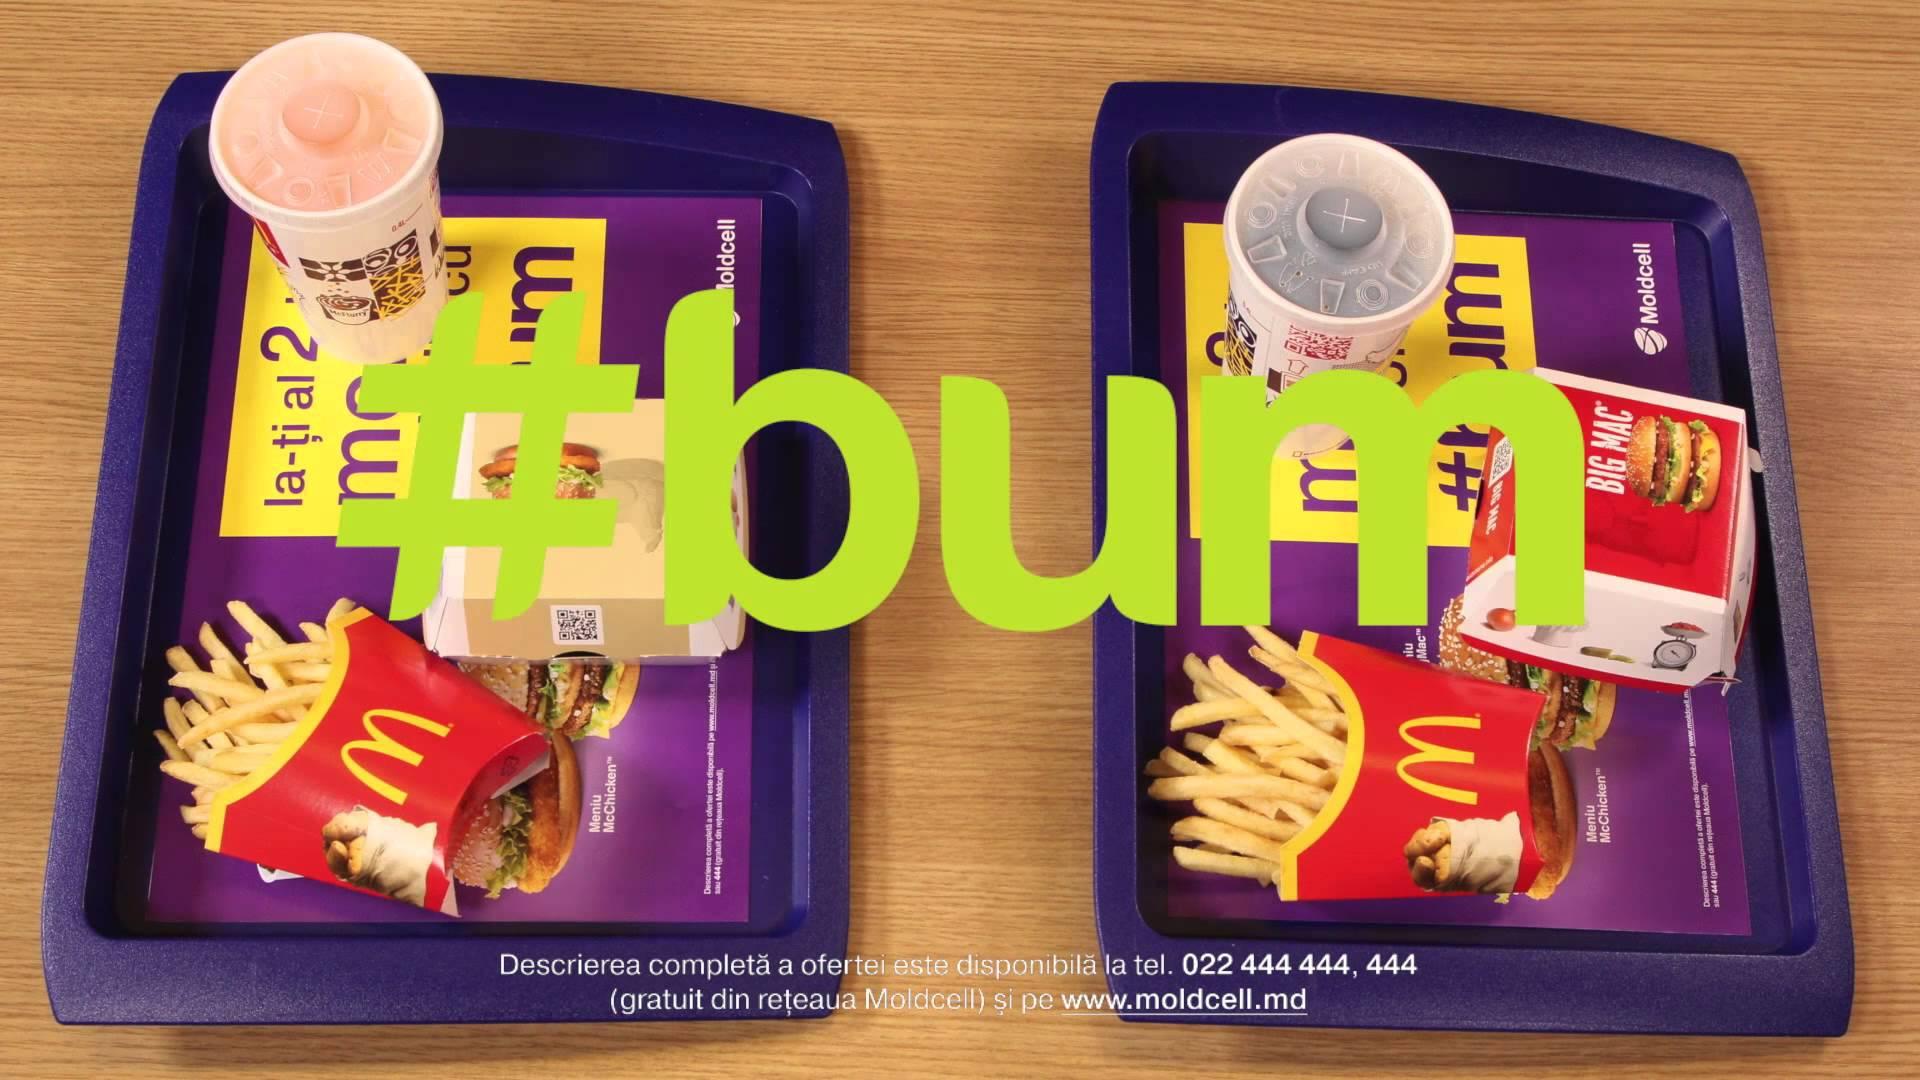 Ia-ţi al doilea meniu gratuit la McDonald's cu #bum de la Moldcell